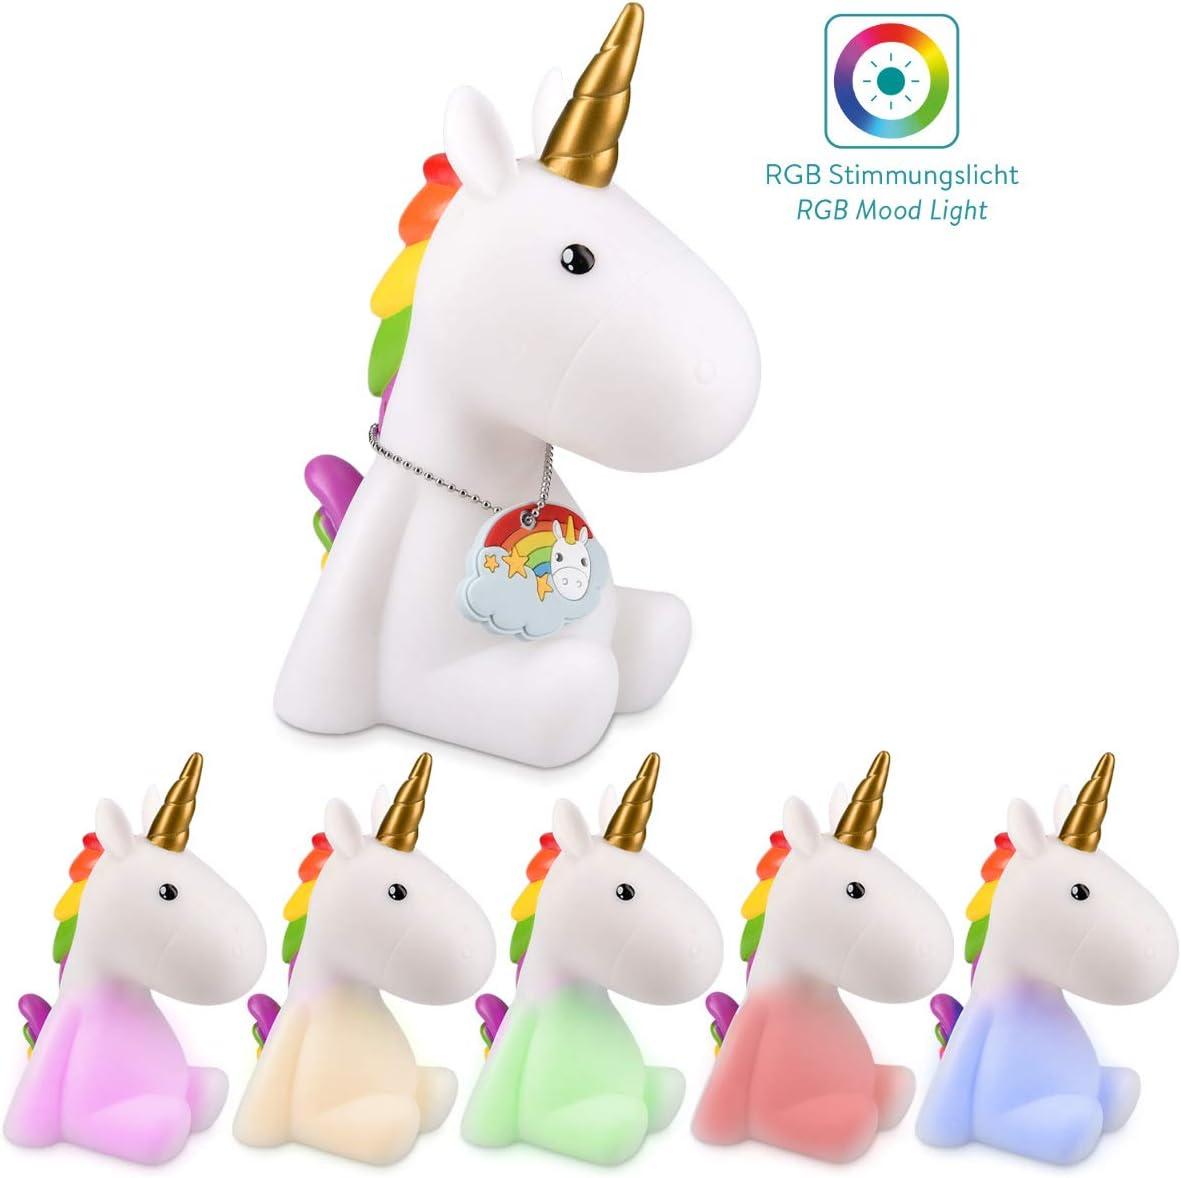 Navaris lámpara nocturna LED con diseño de unicornio - luz de color cambiante para niños bebés - unicornio blanco con colgante - luz para dormir